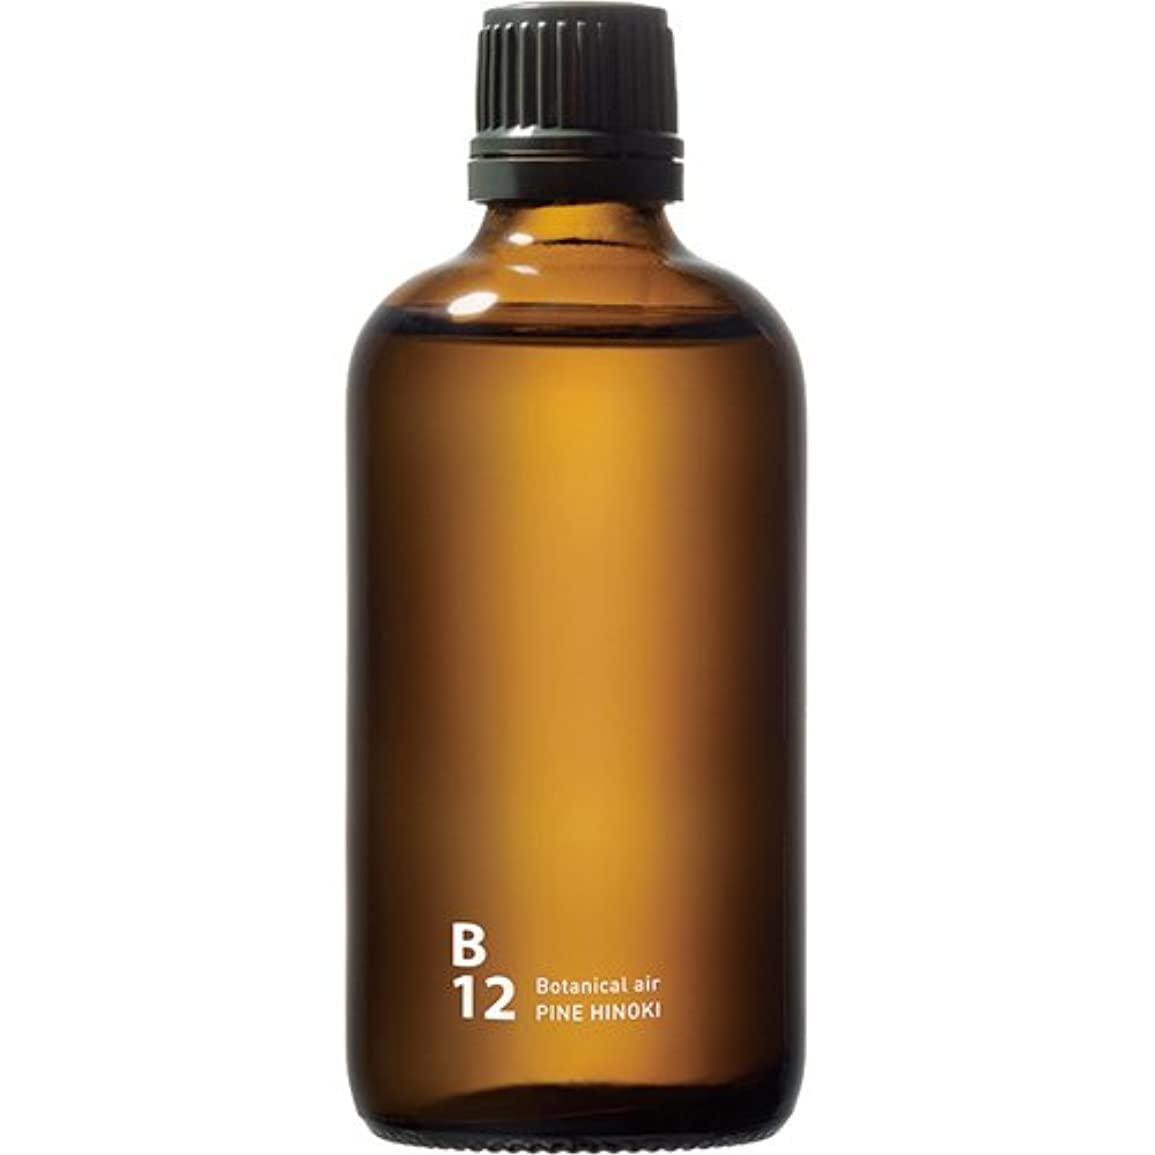 骨折カウンタ重要B12 PINE HINOKI piezo aroma oil 100ml